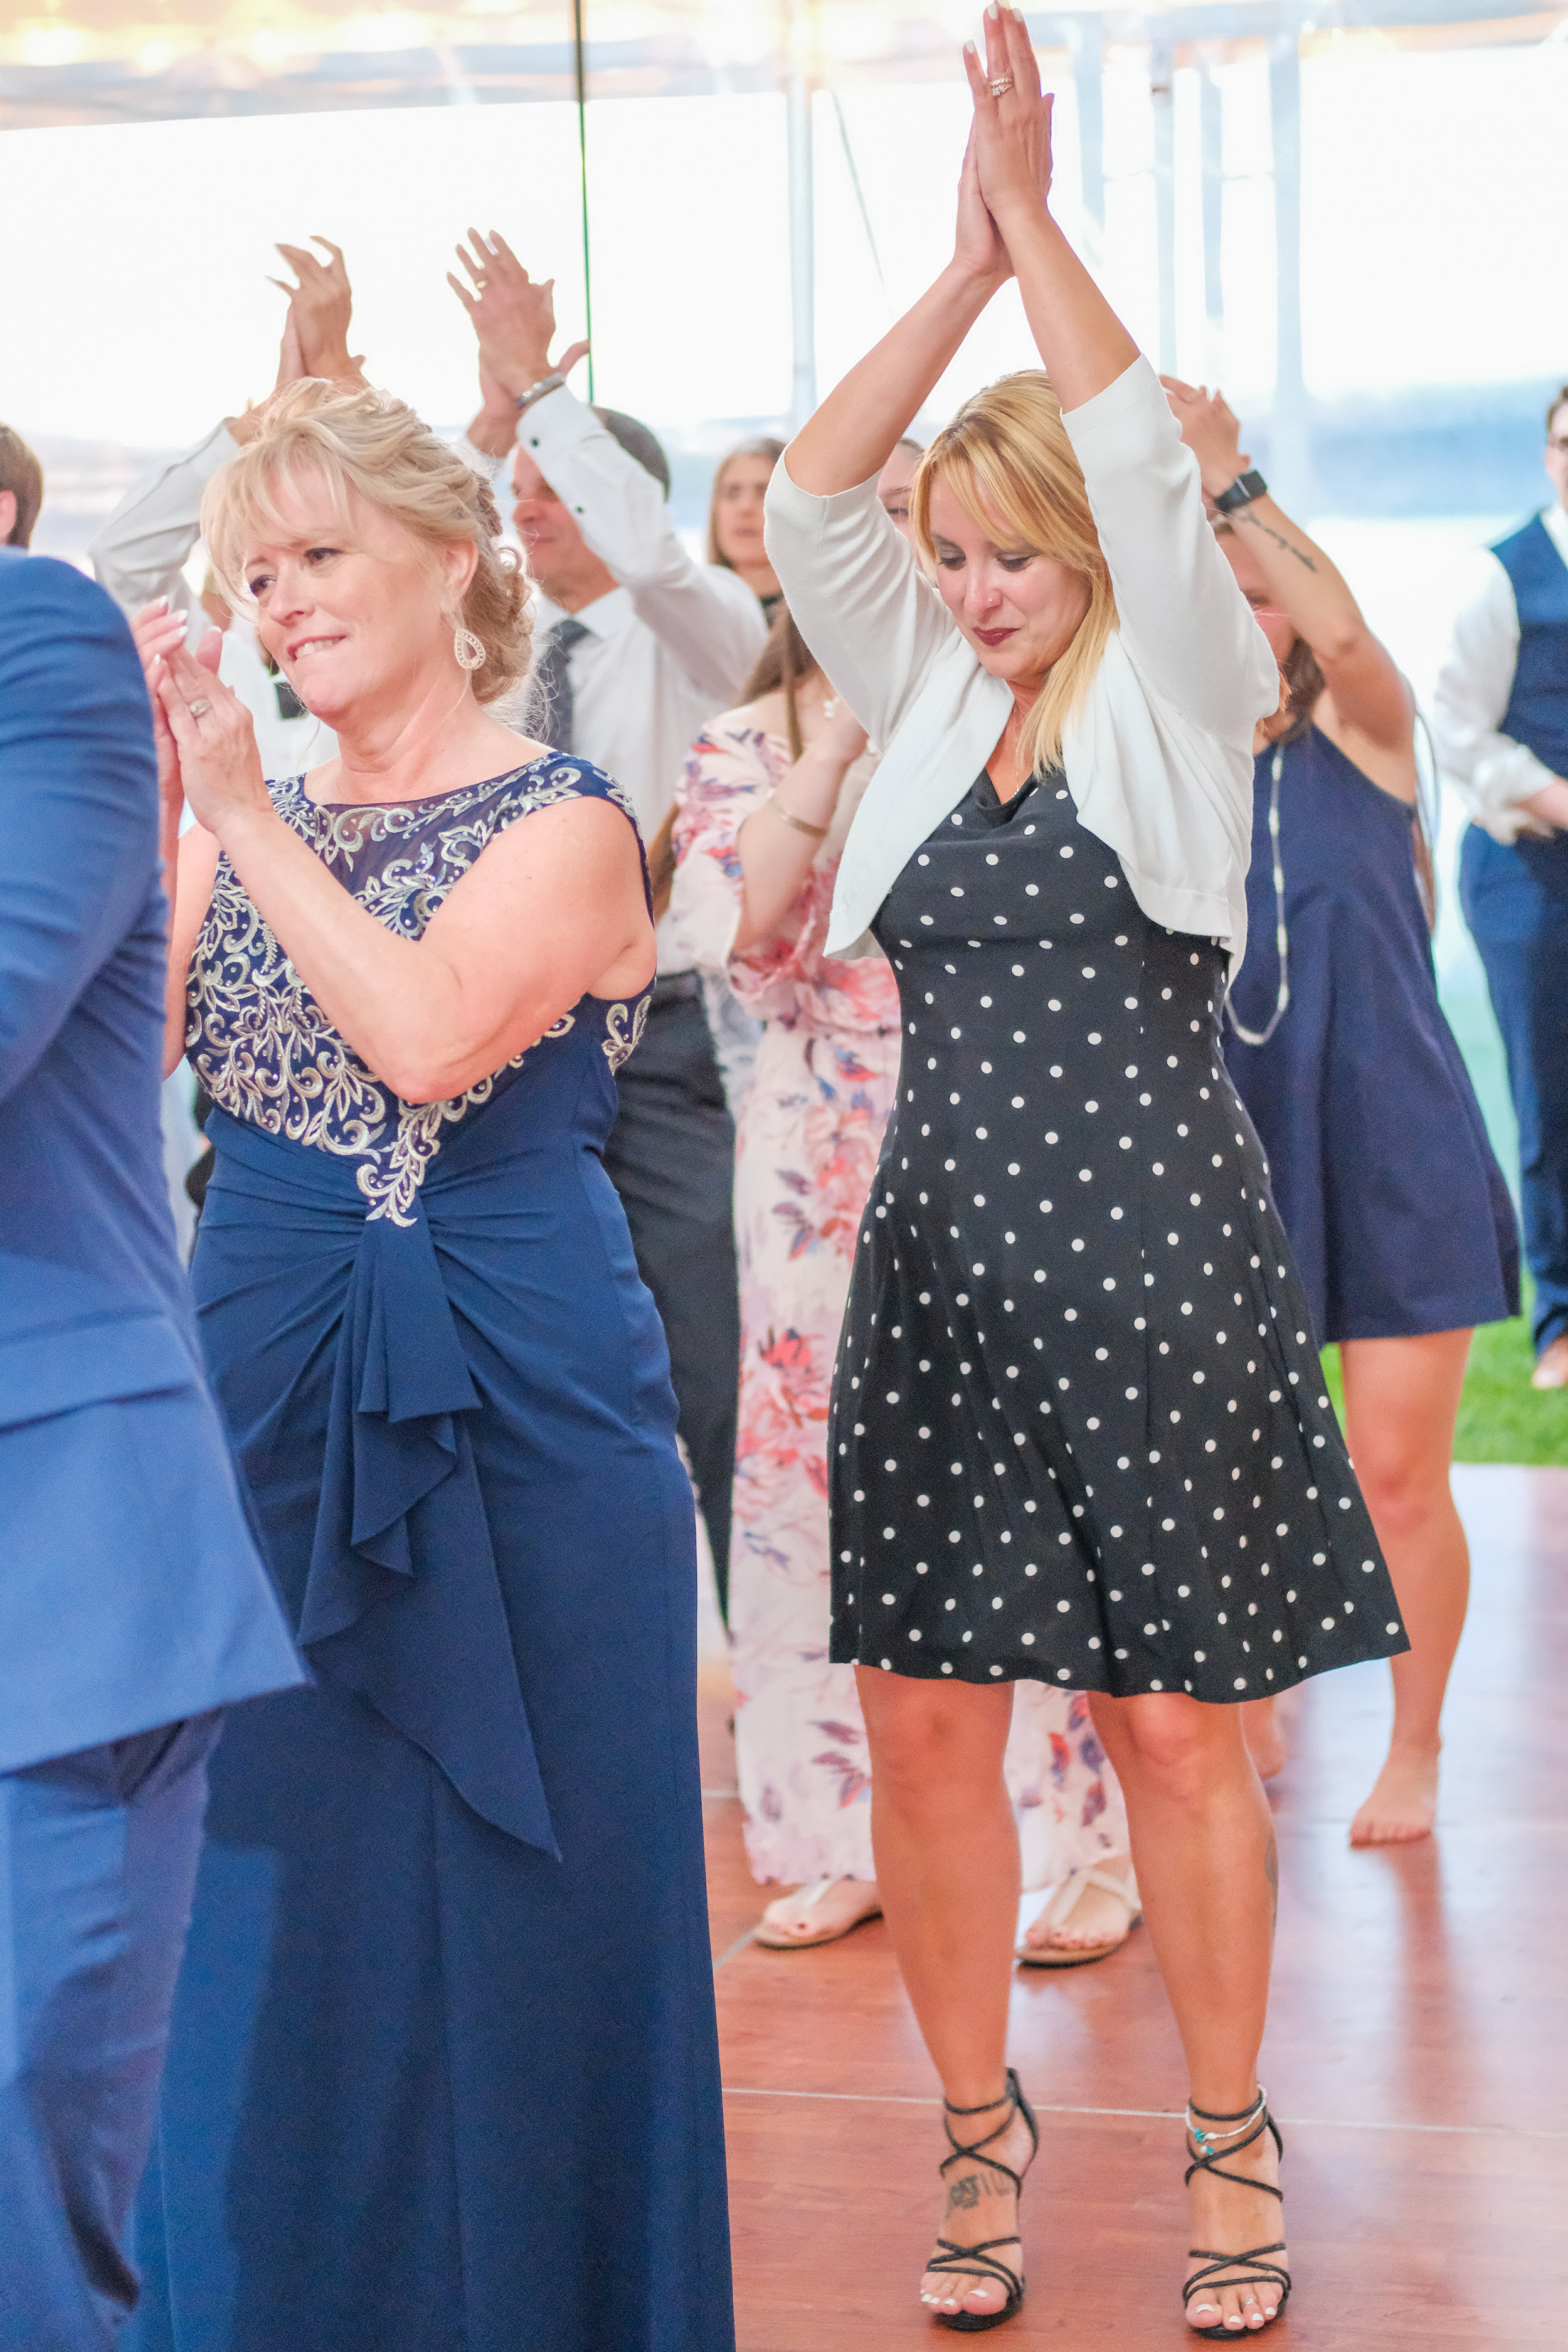 laconia-margate-wedding-photography-856.jpg